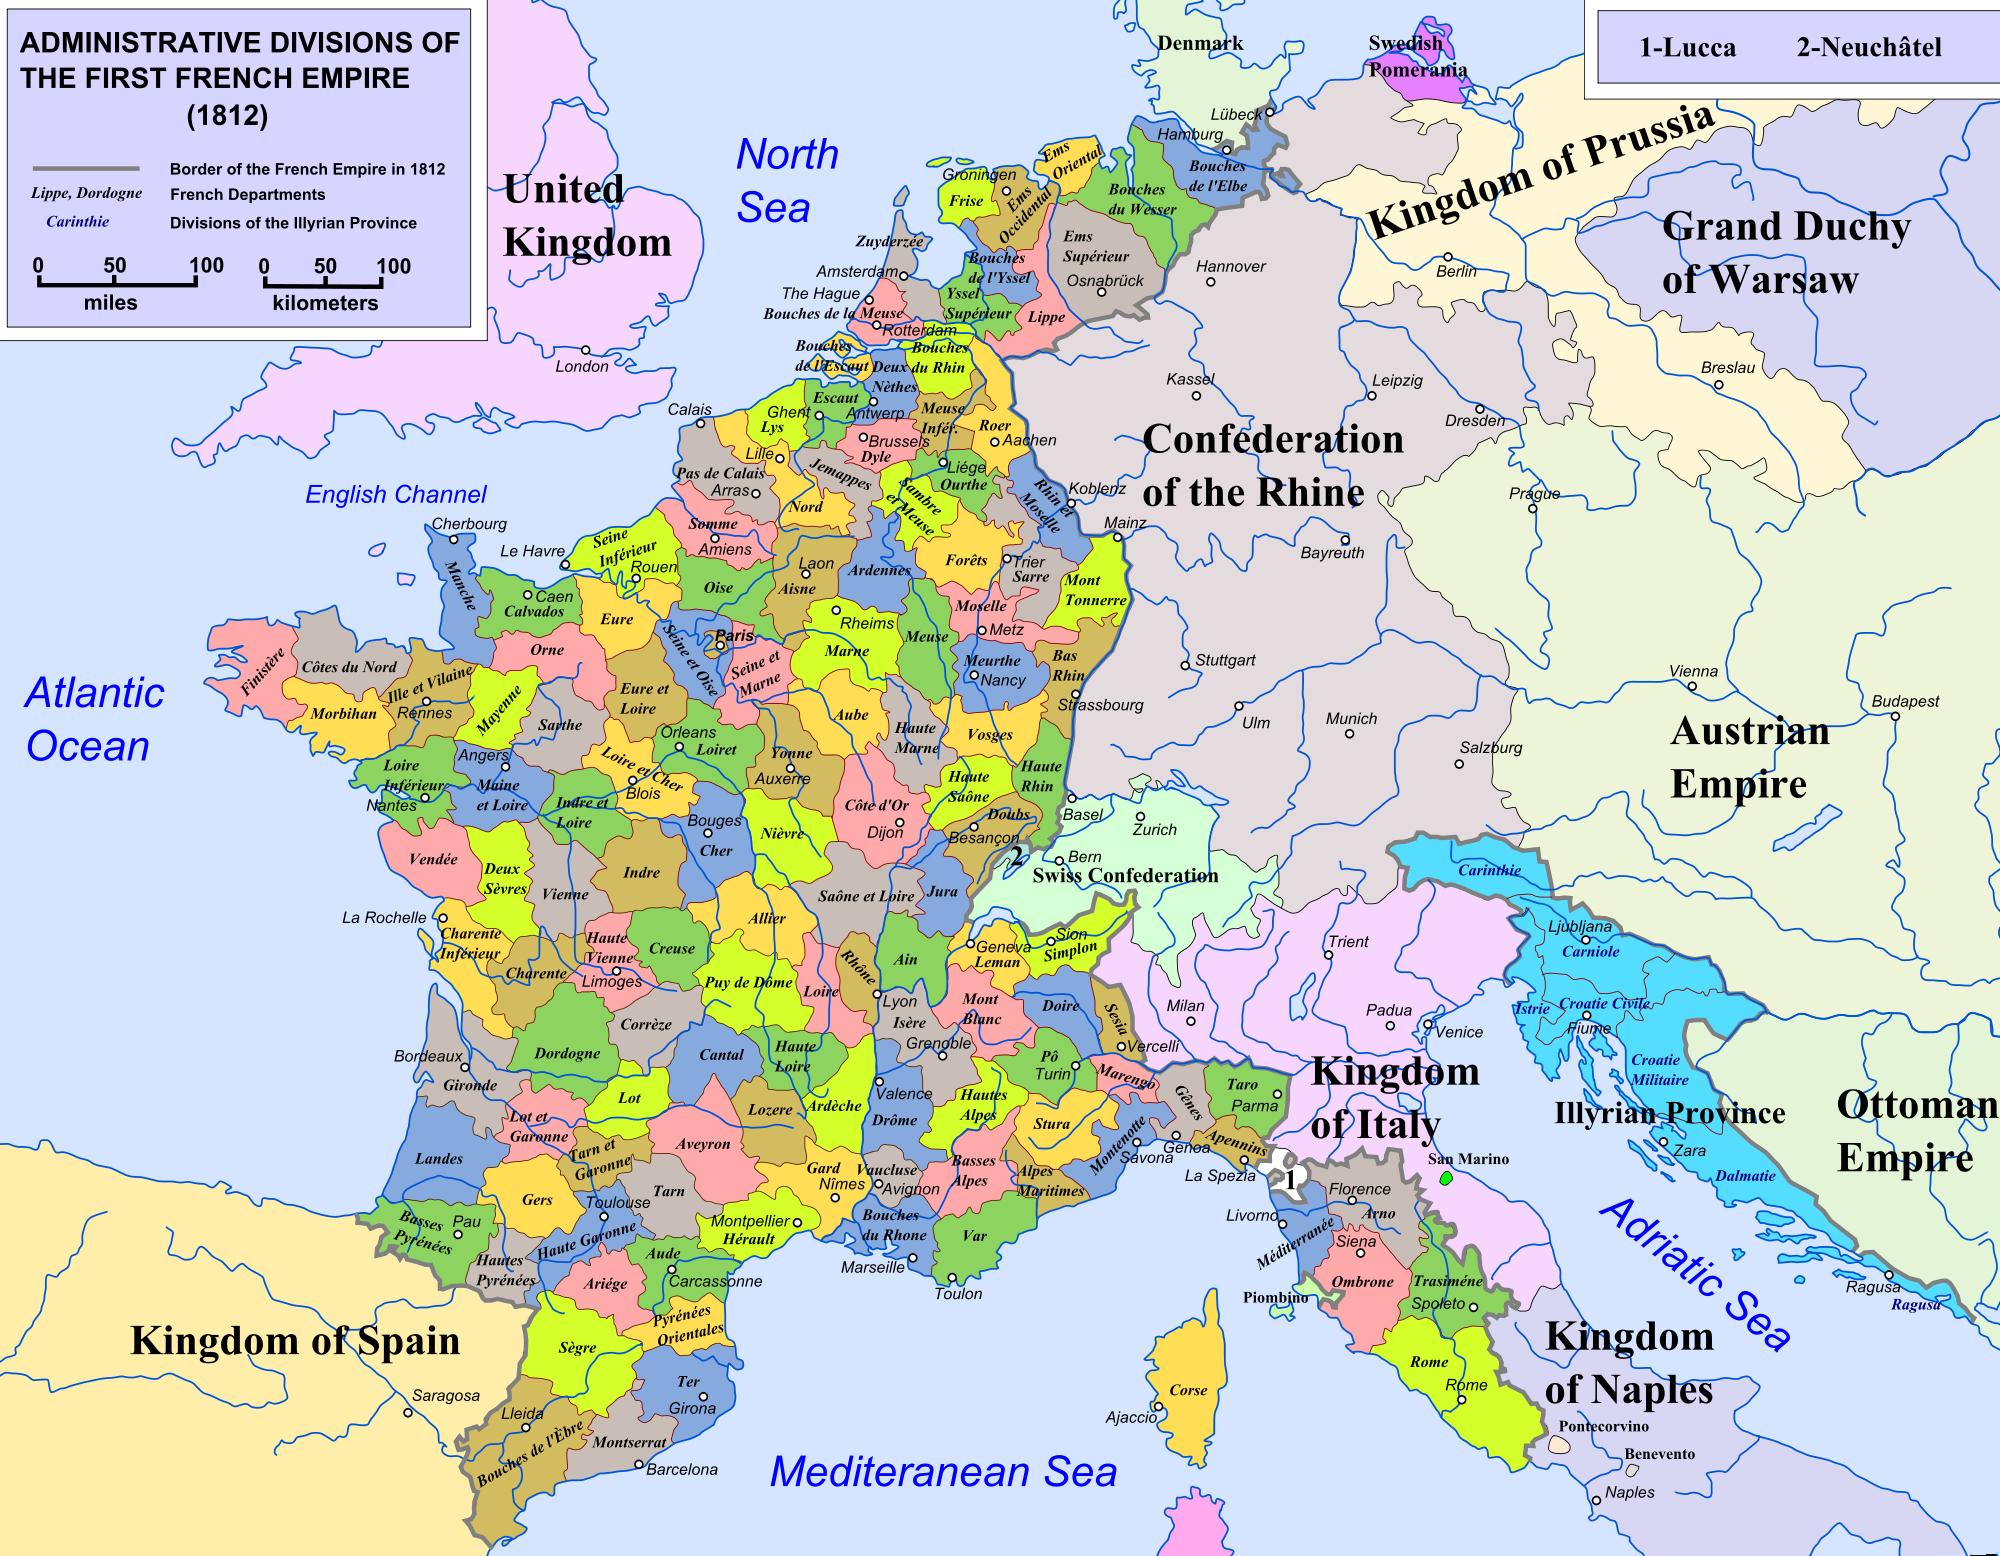 Napoleon France | De France Tweet Imprimer Cette Carte dedans Département De La France Carte